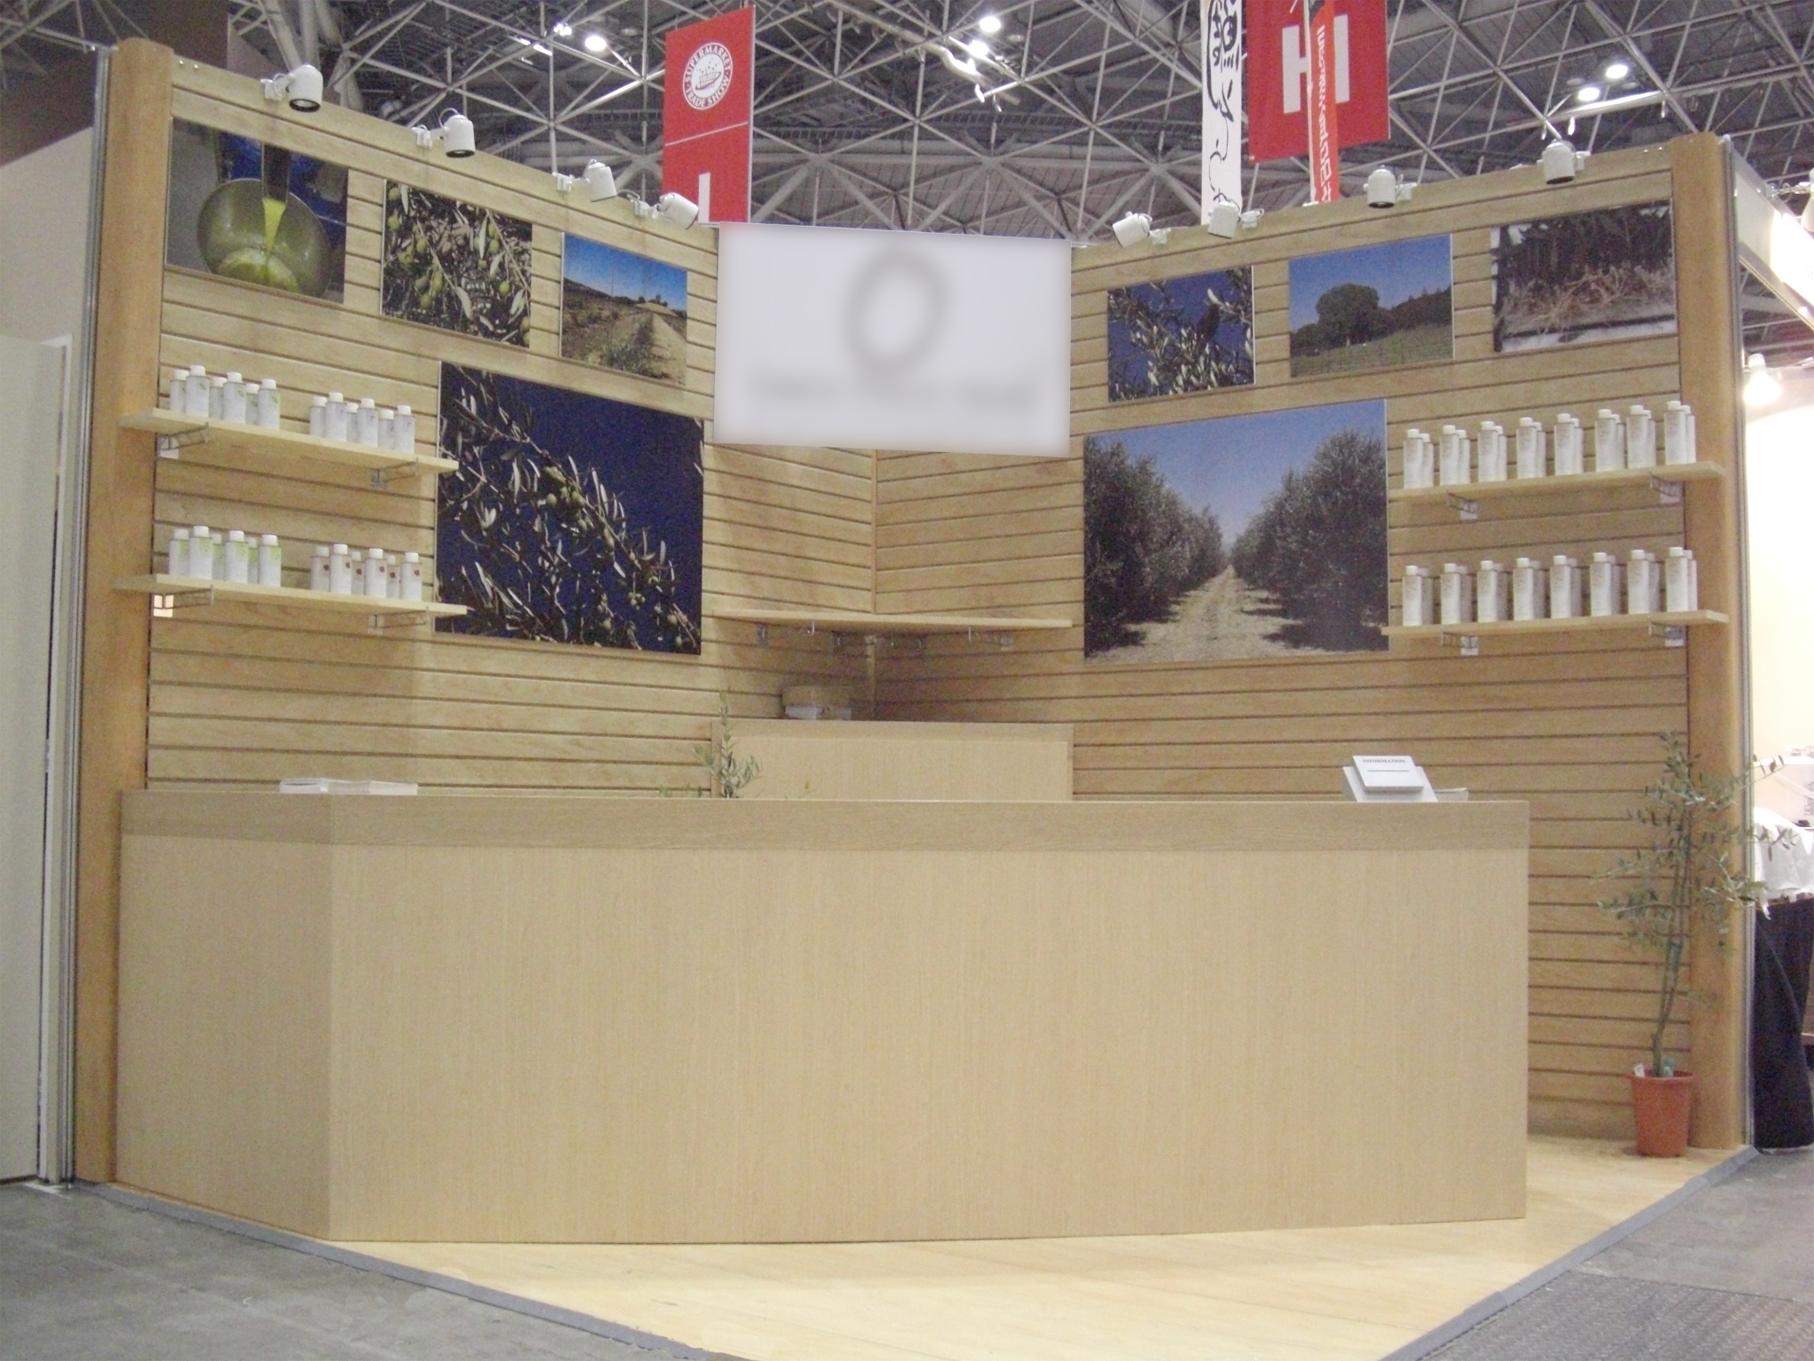 第45回スーパーマーケット・トレードショー2011<br />東京ビッグサイト / 小間(3Mx3M)